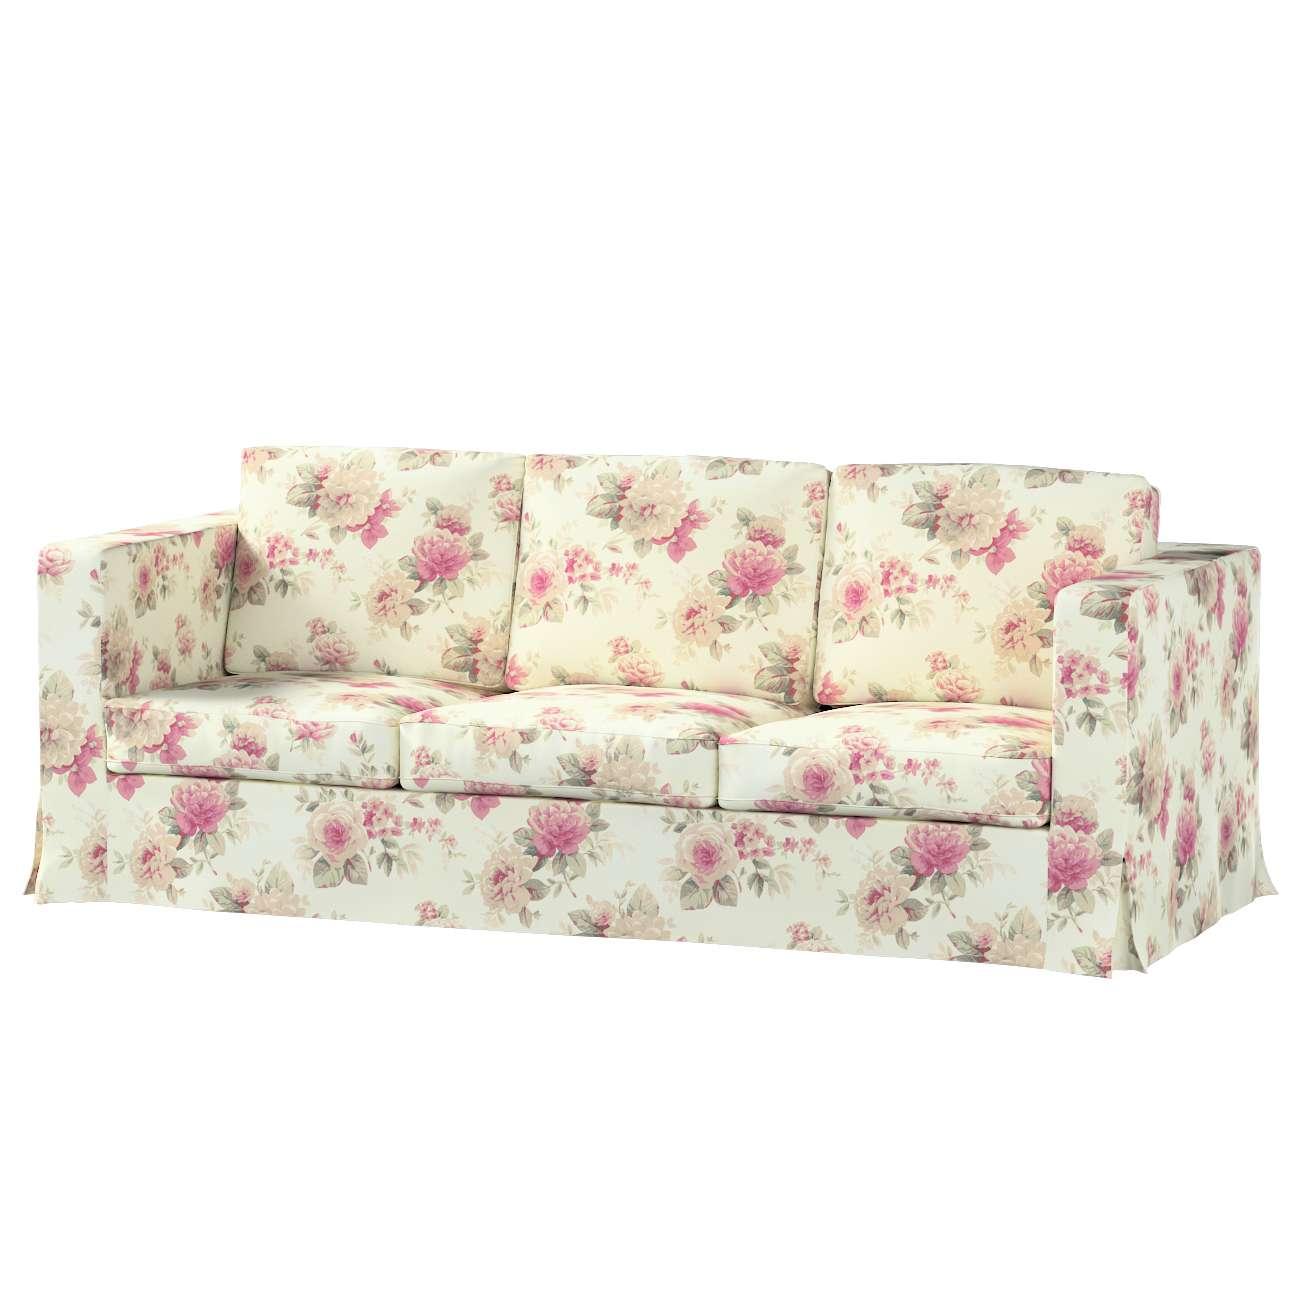 Pokrowiec na sofę Karlanda 3-osobową nierozkładaną, długi Sofa Karlanda 3-os w kolekcji Mirella, tkanina: 141-07